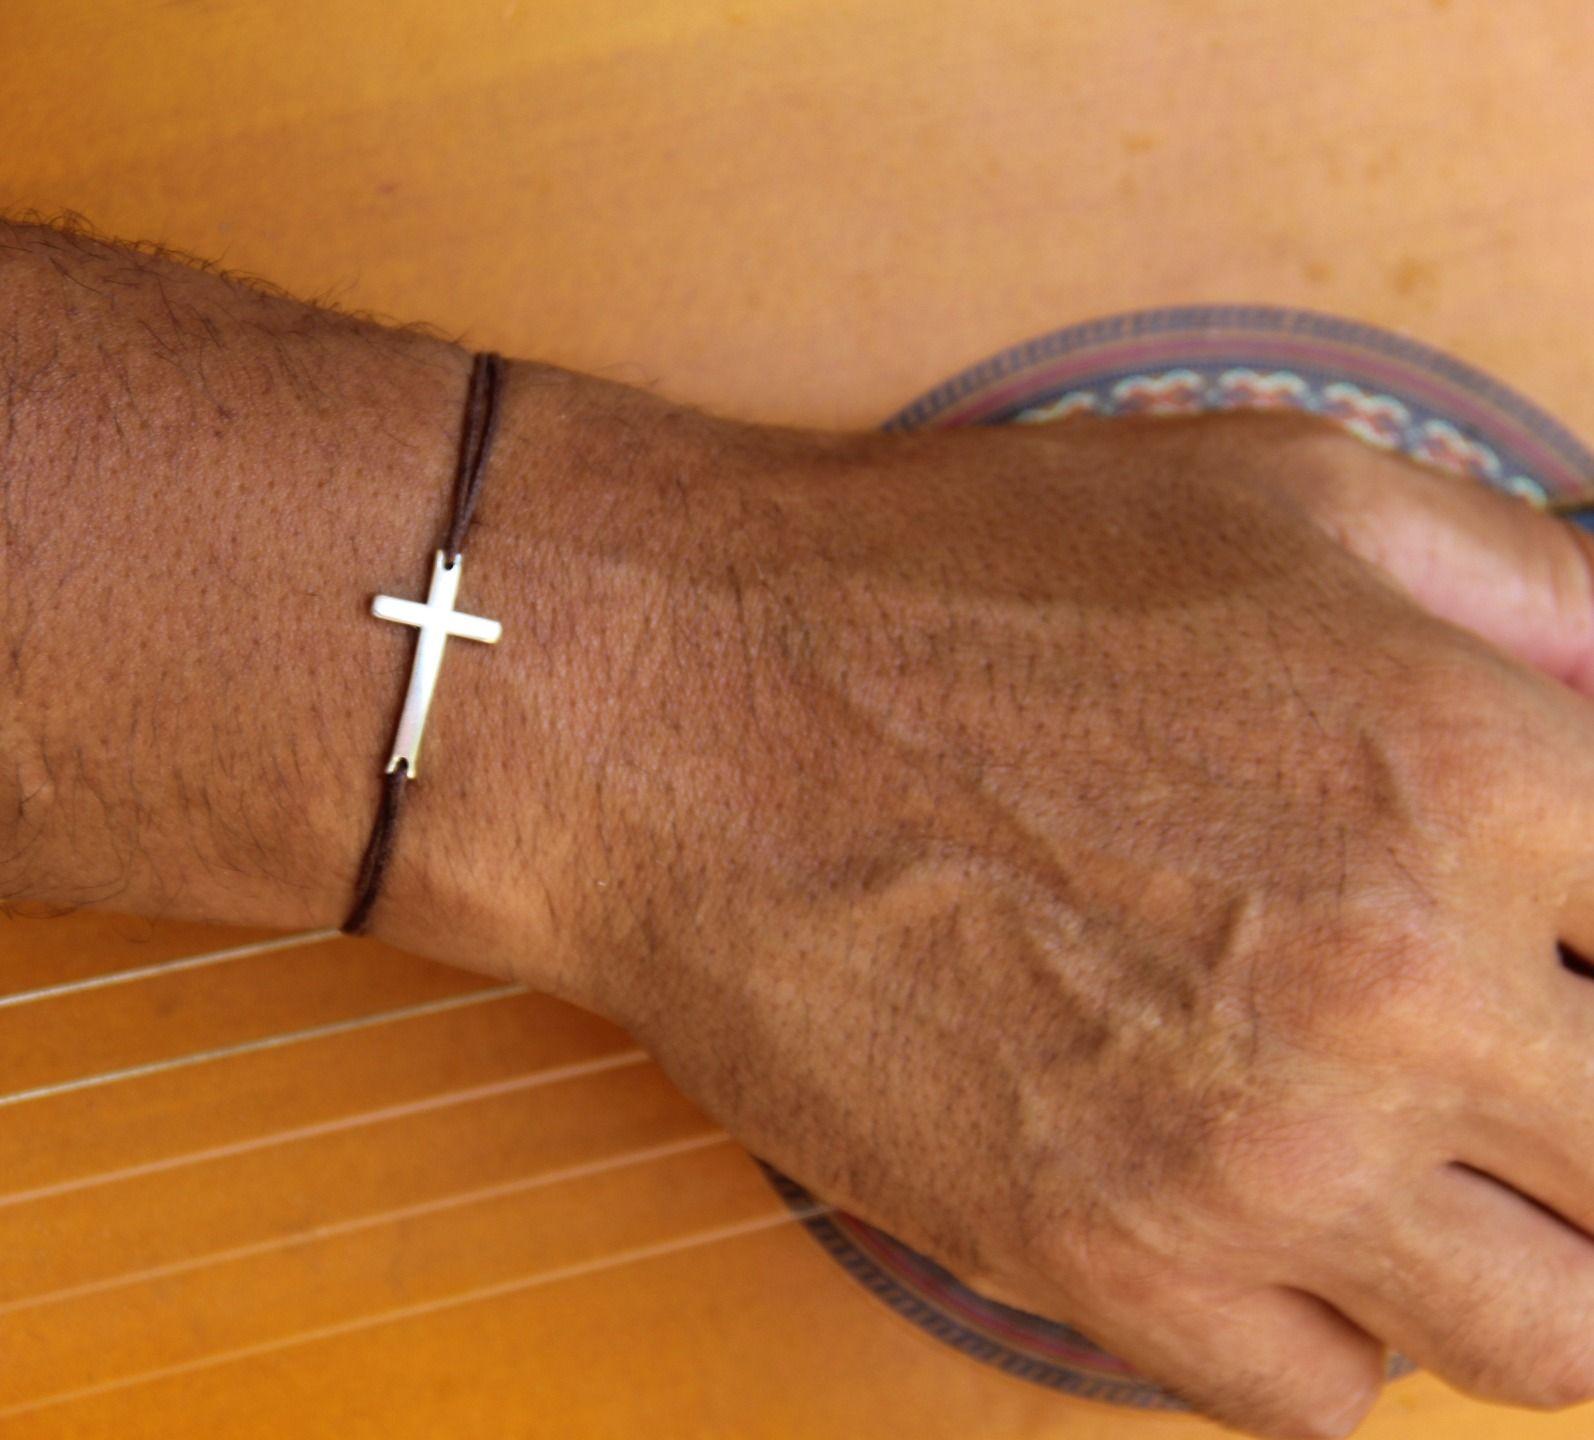 la meilleure attitude 19407 244a8 bracelet croix homme avec cordon ajustable .idée cadeau ...